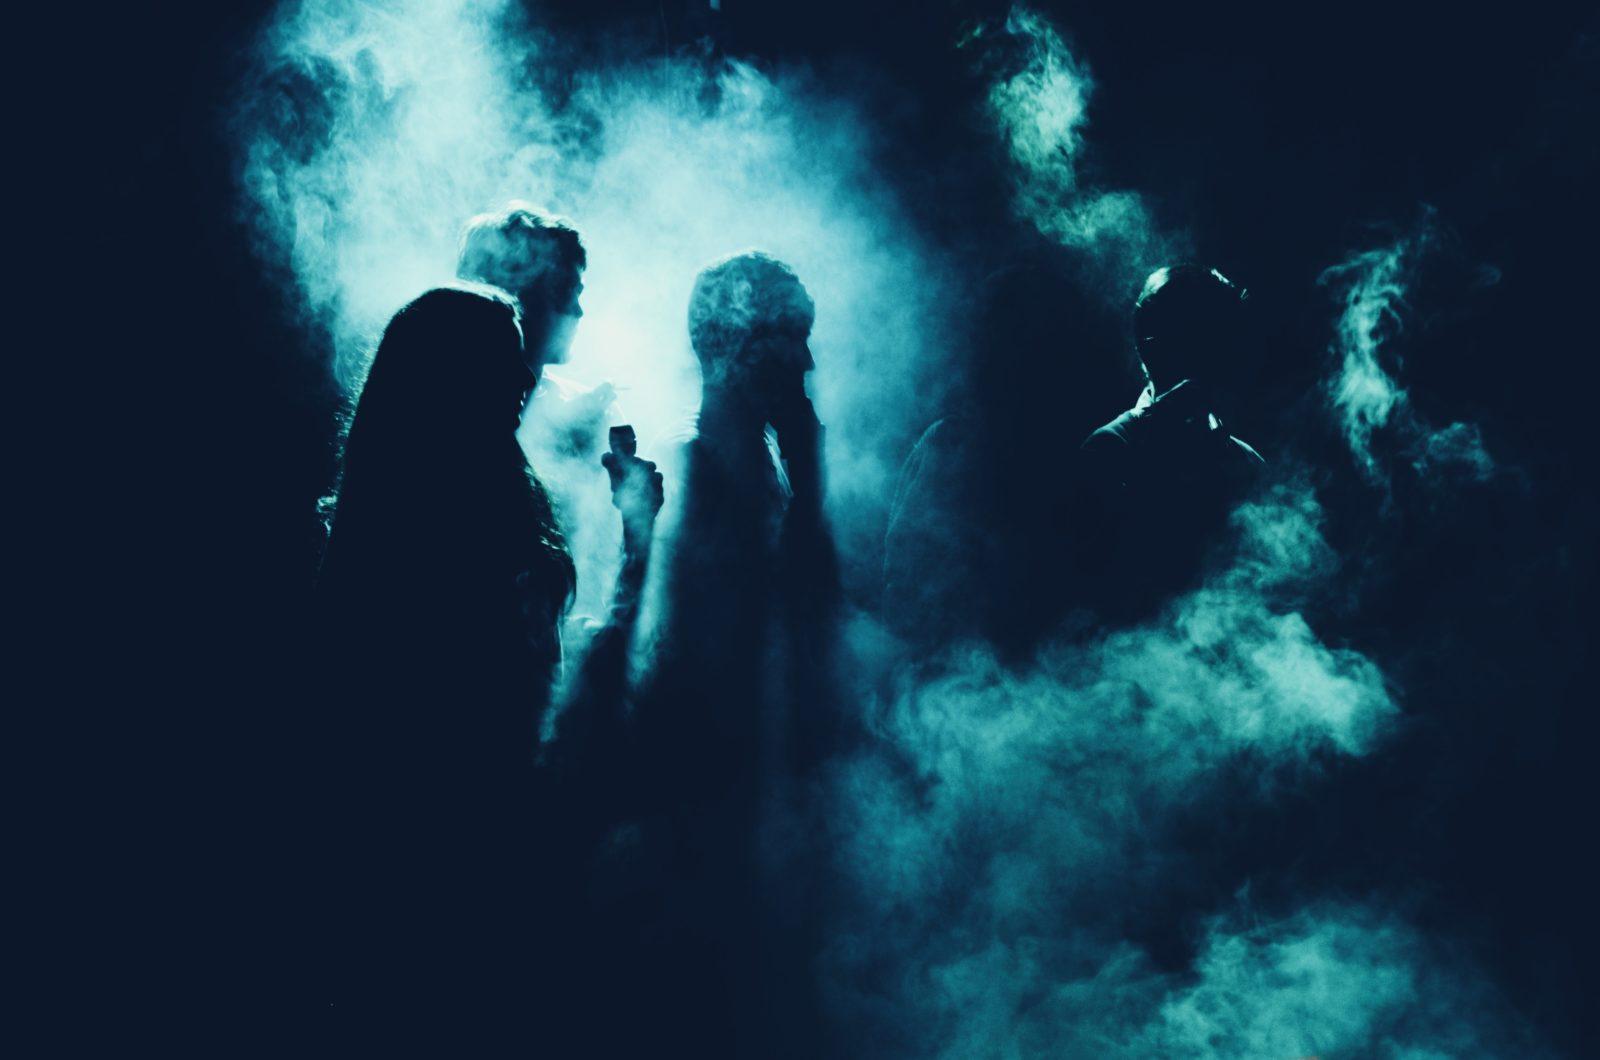 Films d'horreur : pourquoi en regarde-t-on ?